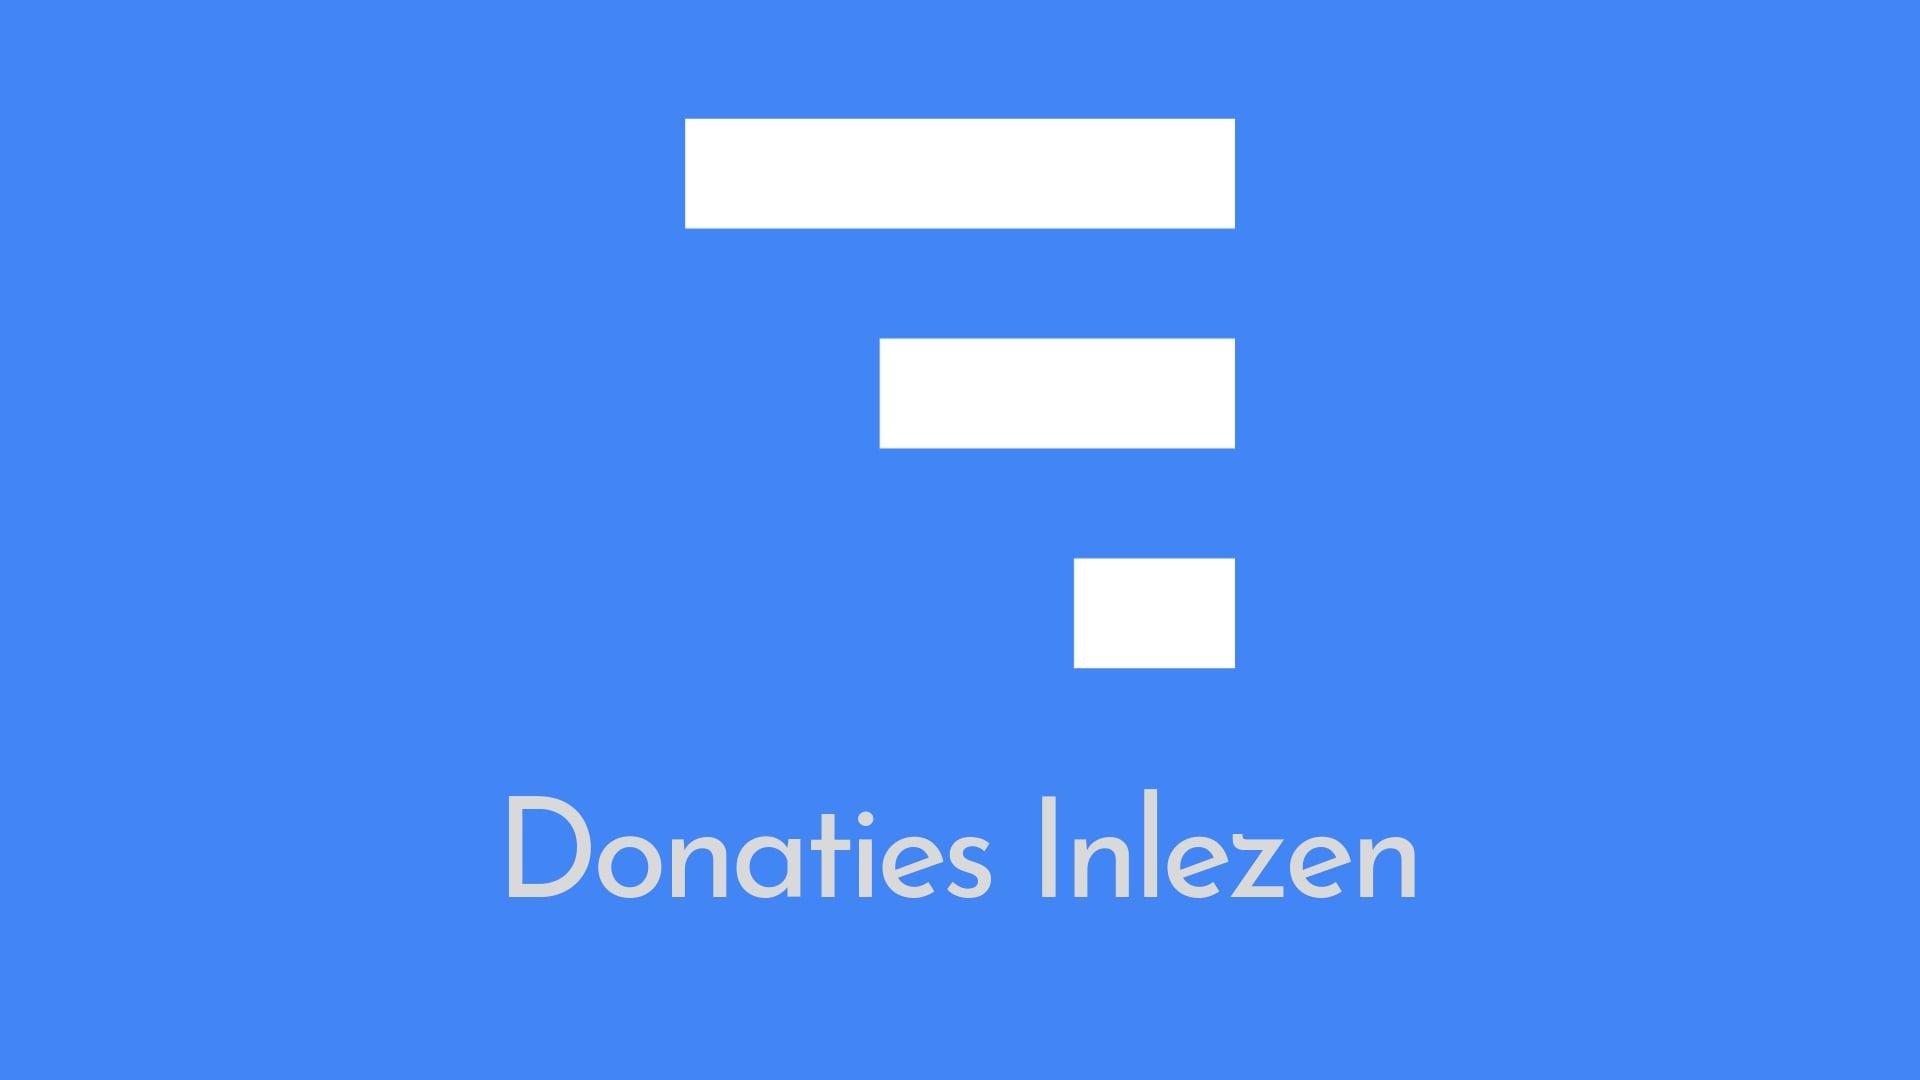 Donaties inlezen